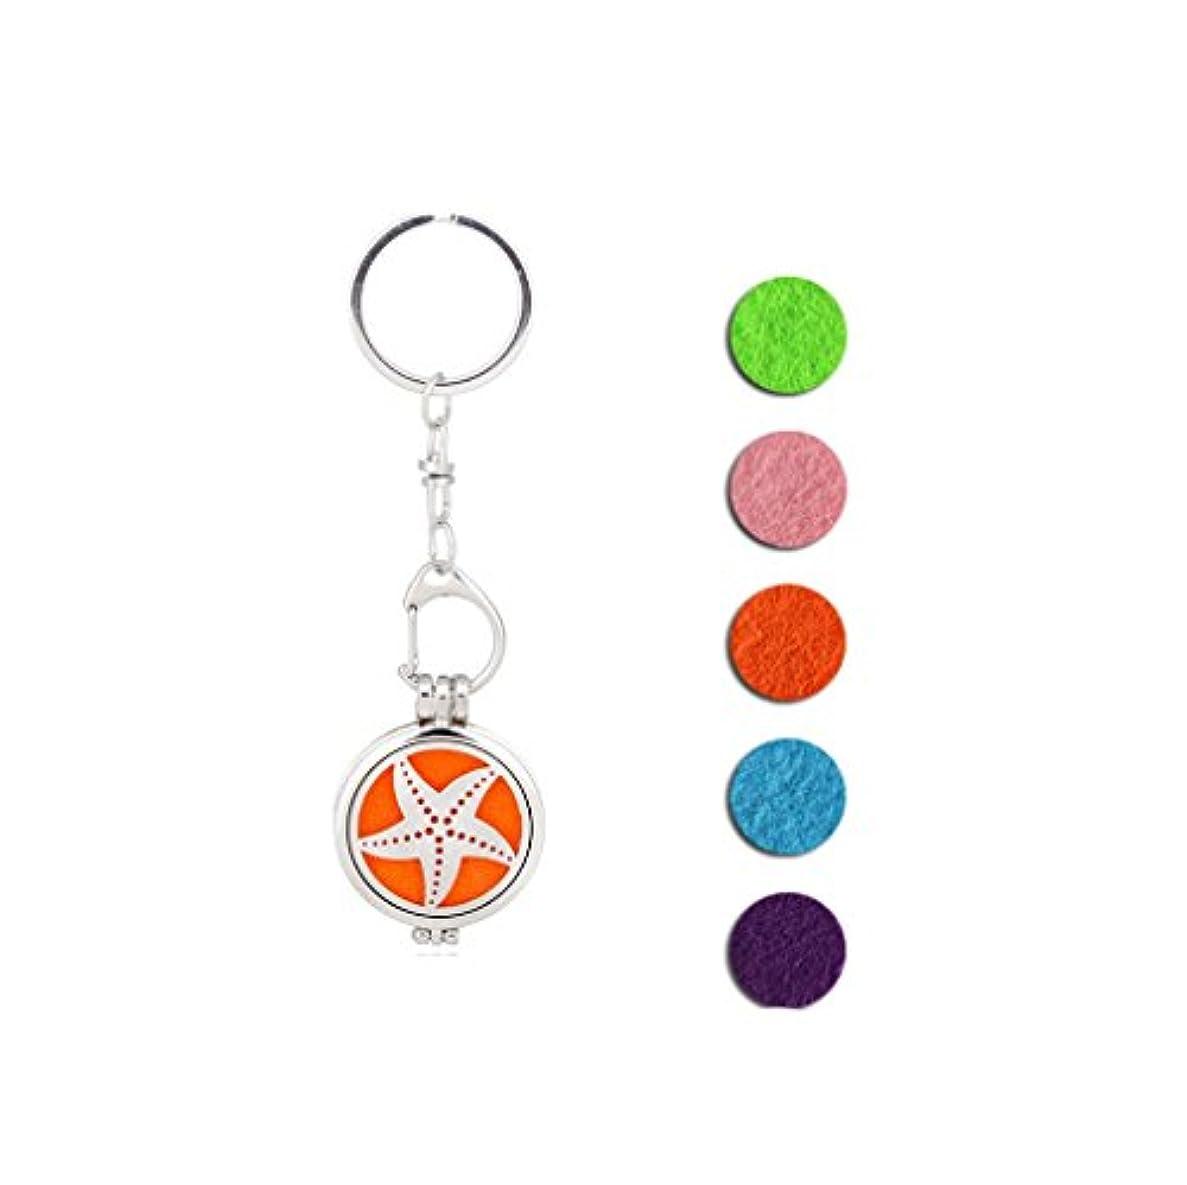 ヒトデペンダント香水Aroma Keychain for Women Essential Oil Diffuserロケットキーチェーン